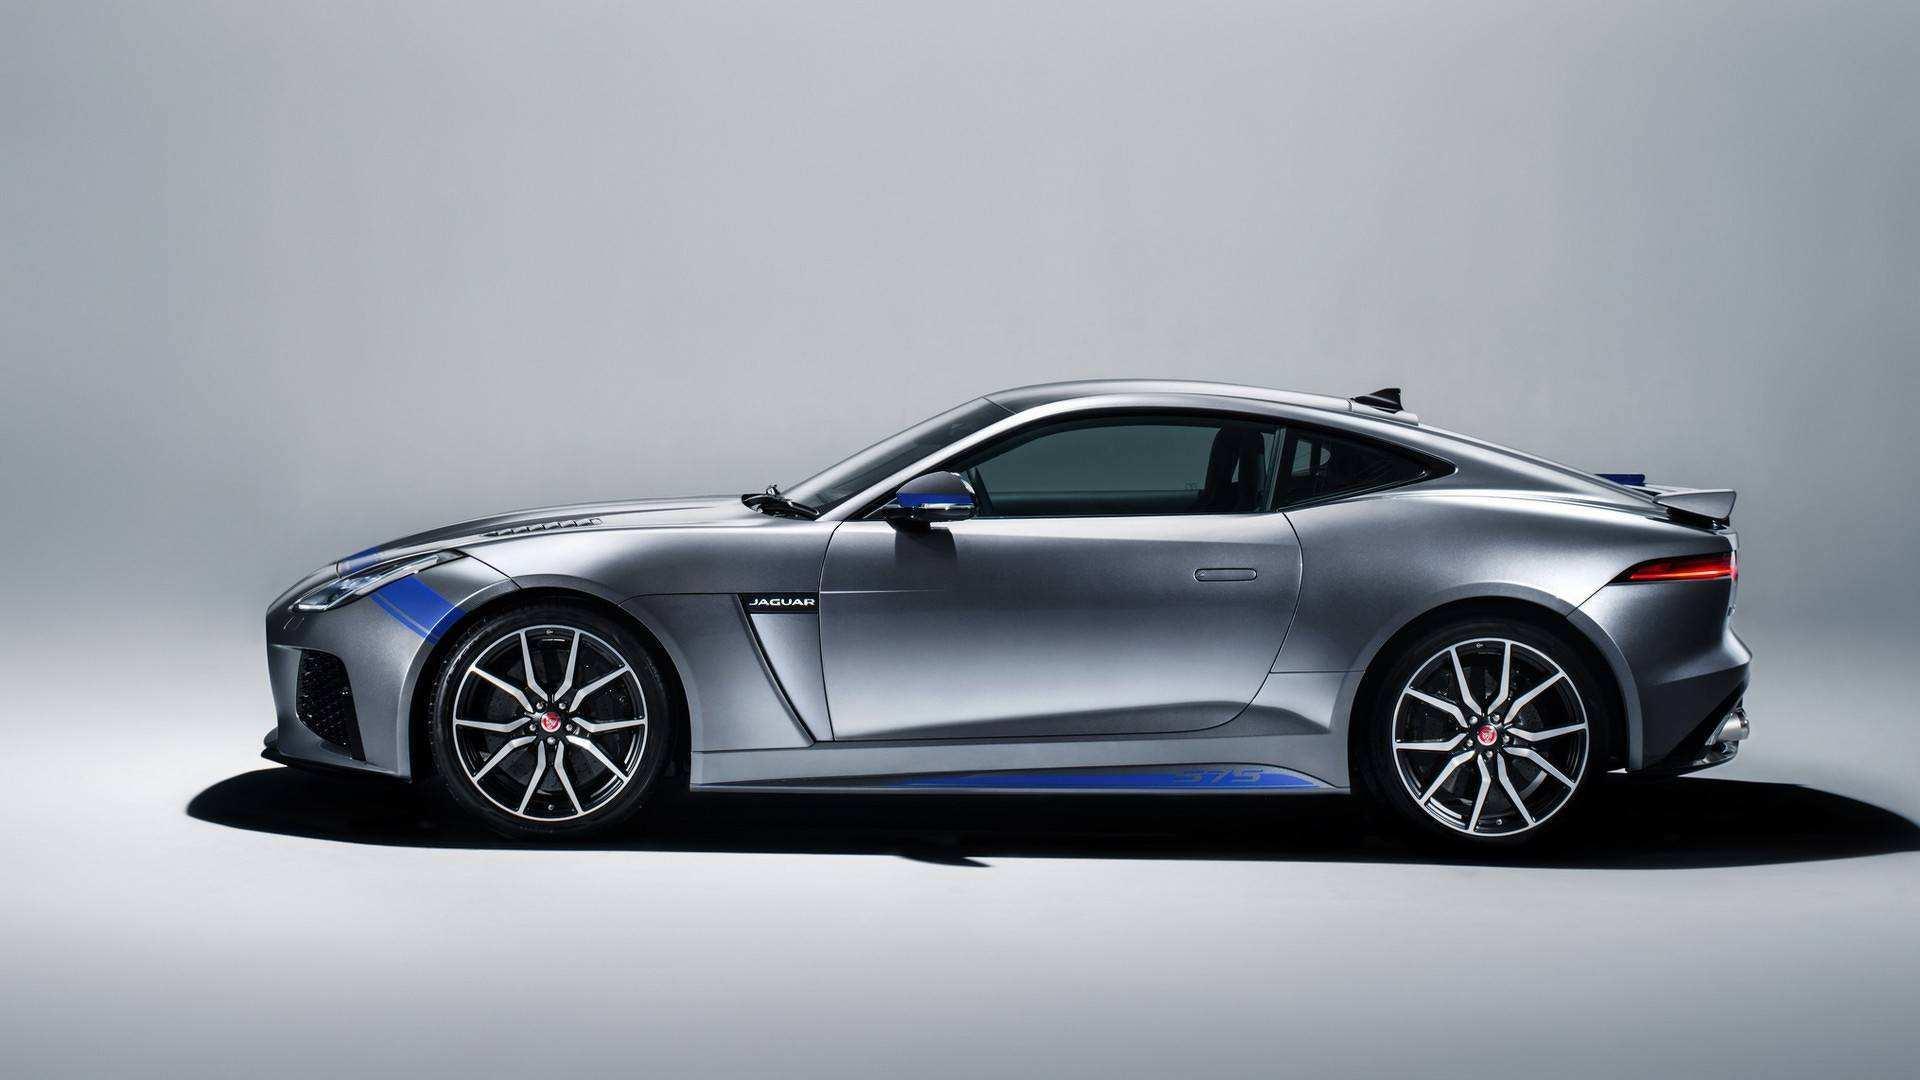 36 Best Review Jaguar Coupe 2020 History for Jaguar Coupe 2020